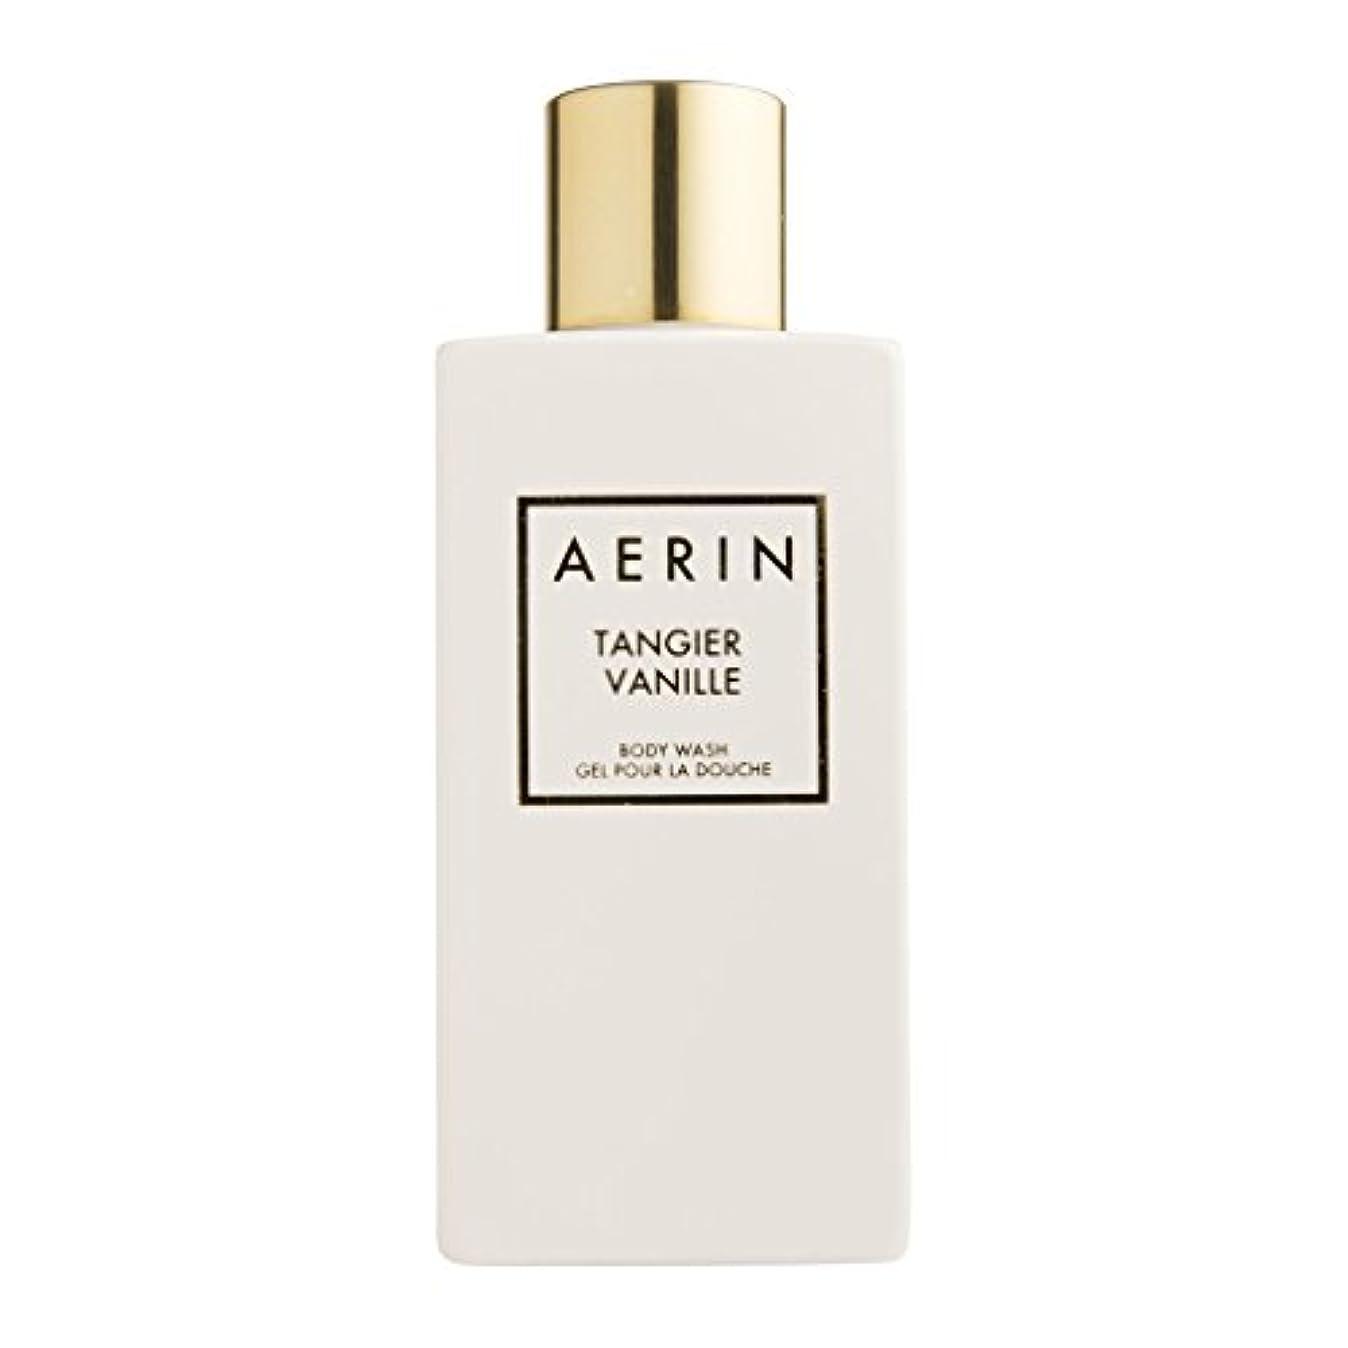 吸収剤権威フライカイトAERIN Tangier Vanille (アエリン タンジヤー バニール) 7.6 oz (228ml) Body Wash ボディーウオッシュ by Estee Lauder for Women